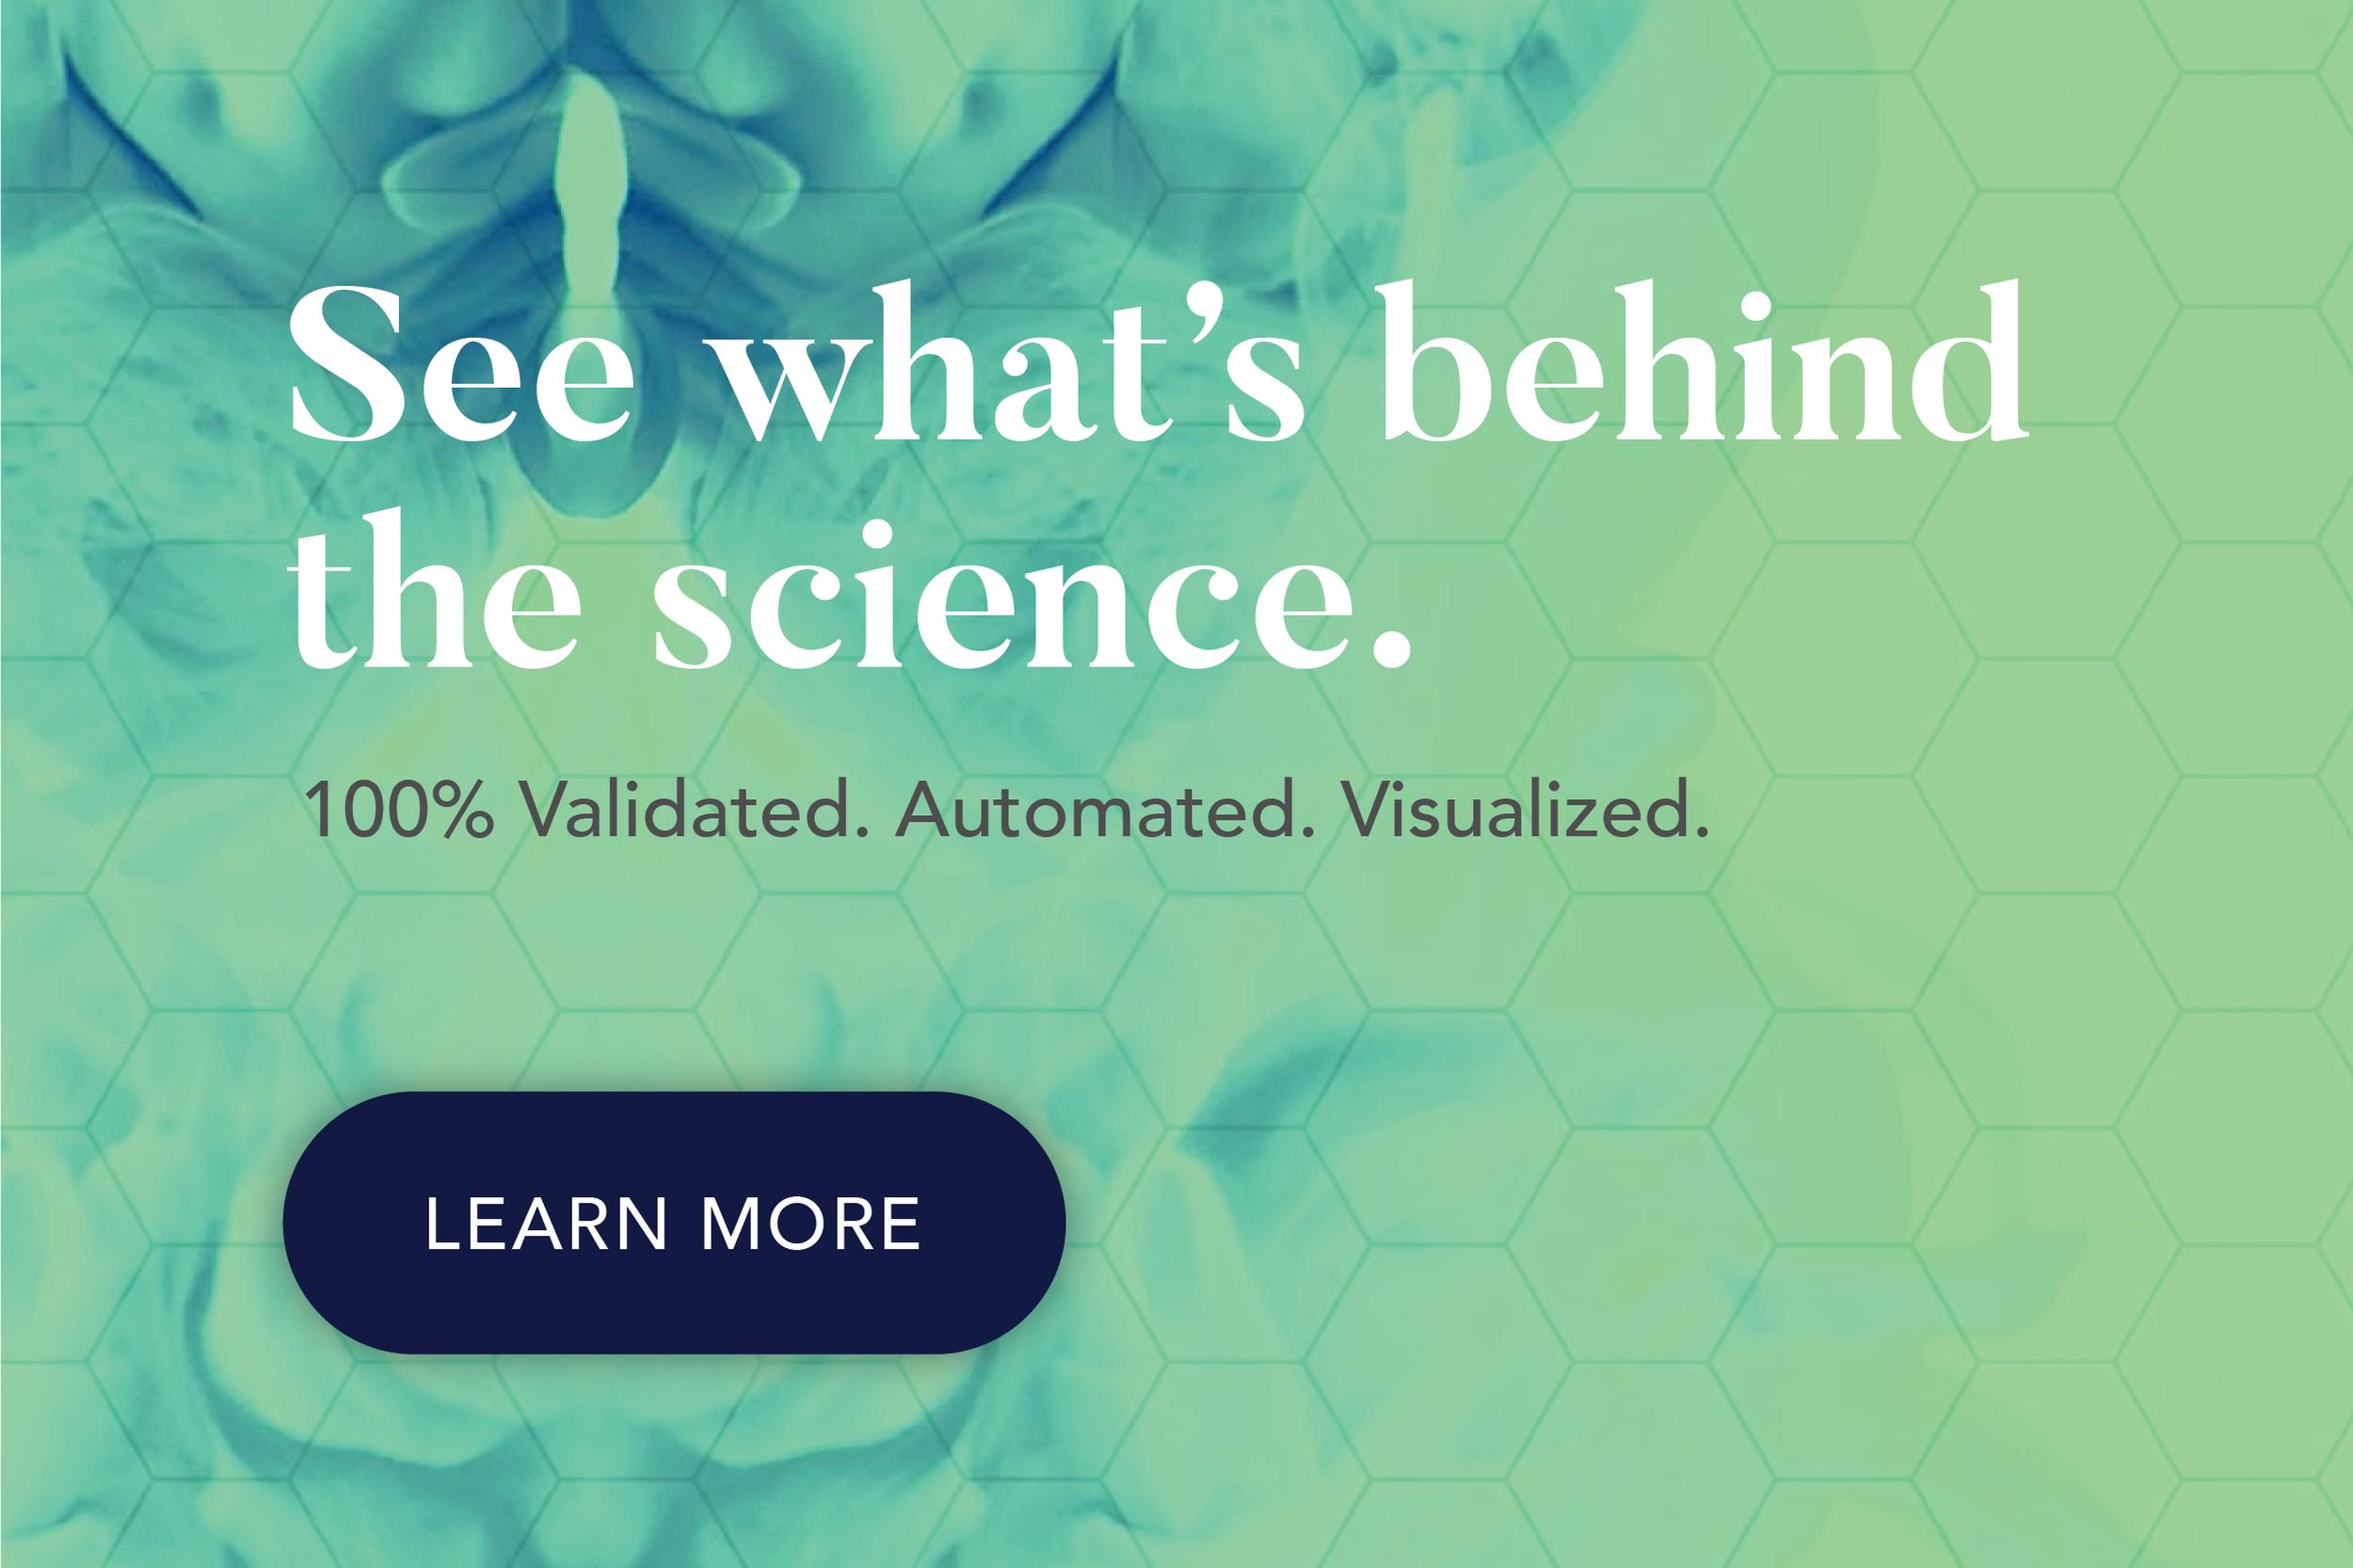 Inkblot Analytics behavioral science market research